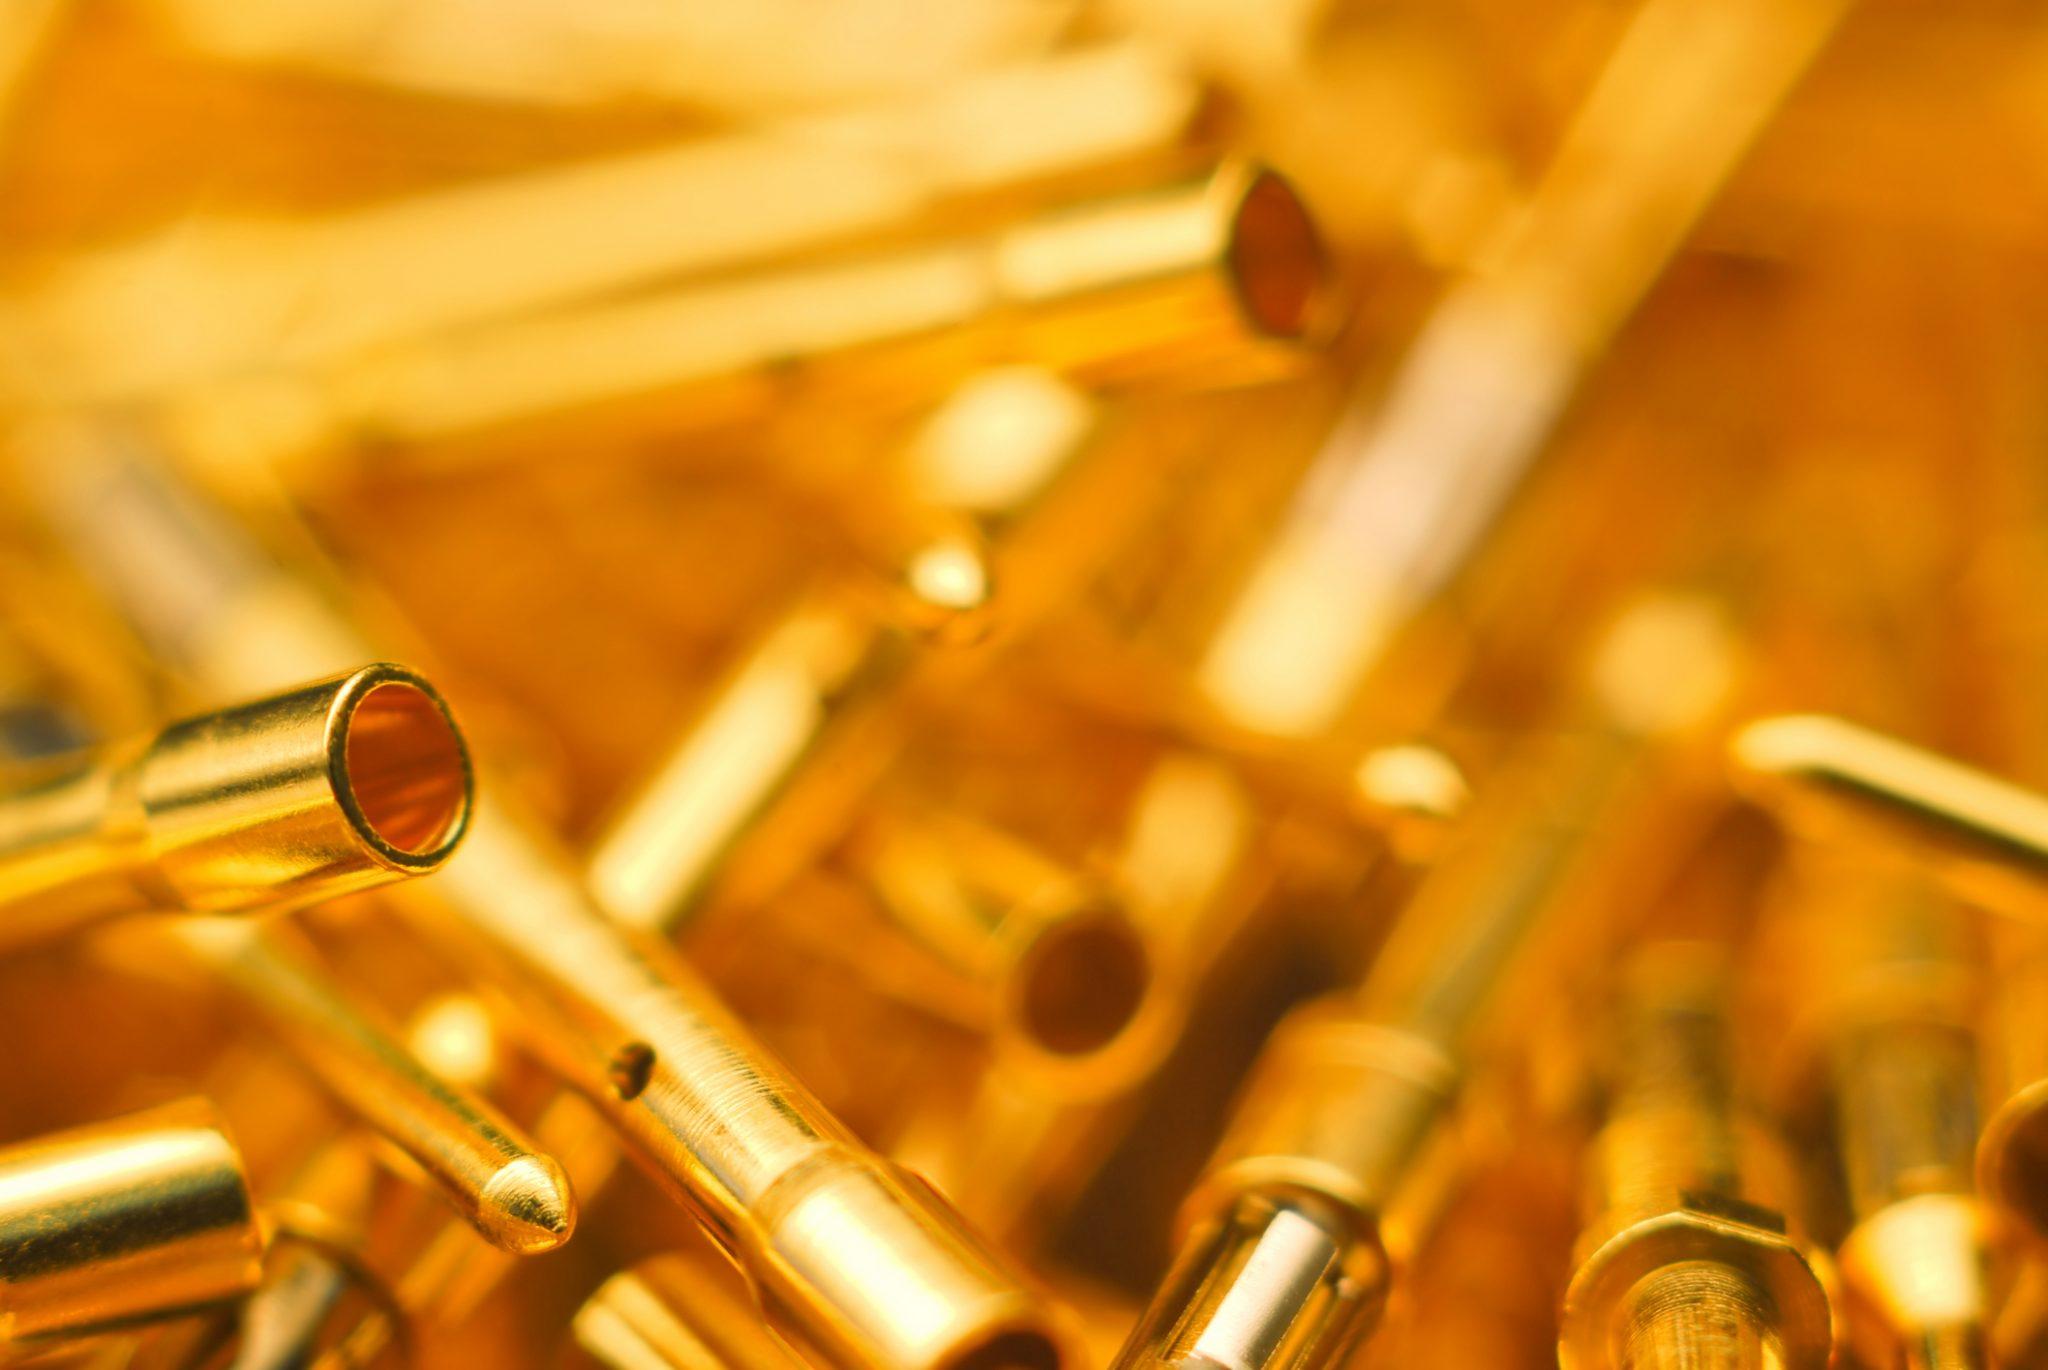 Gold or Tin versus Gold and Tin?